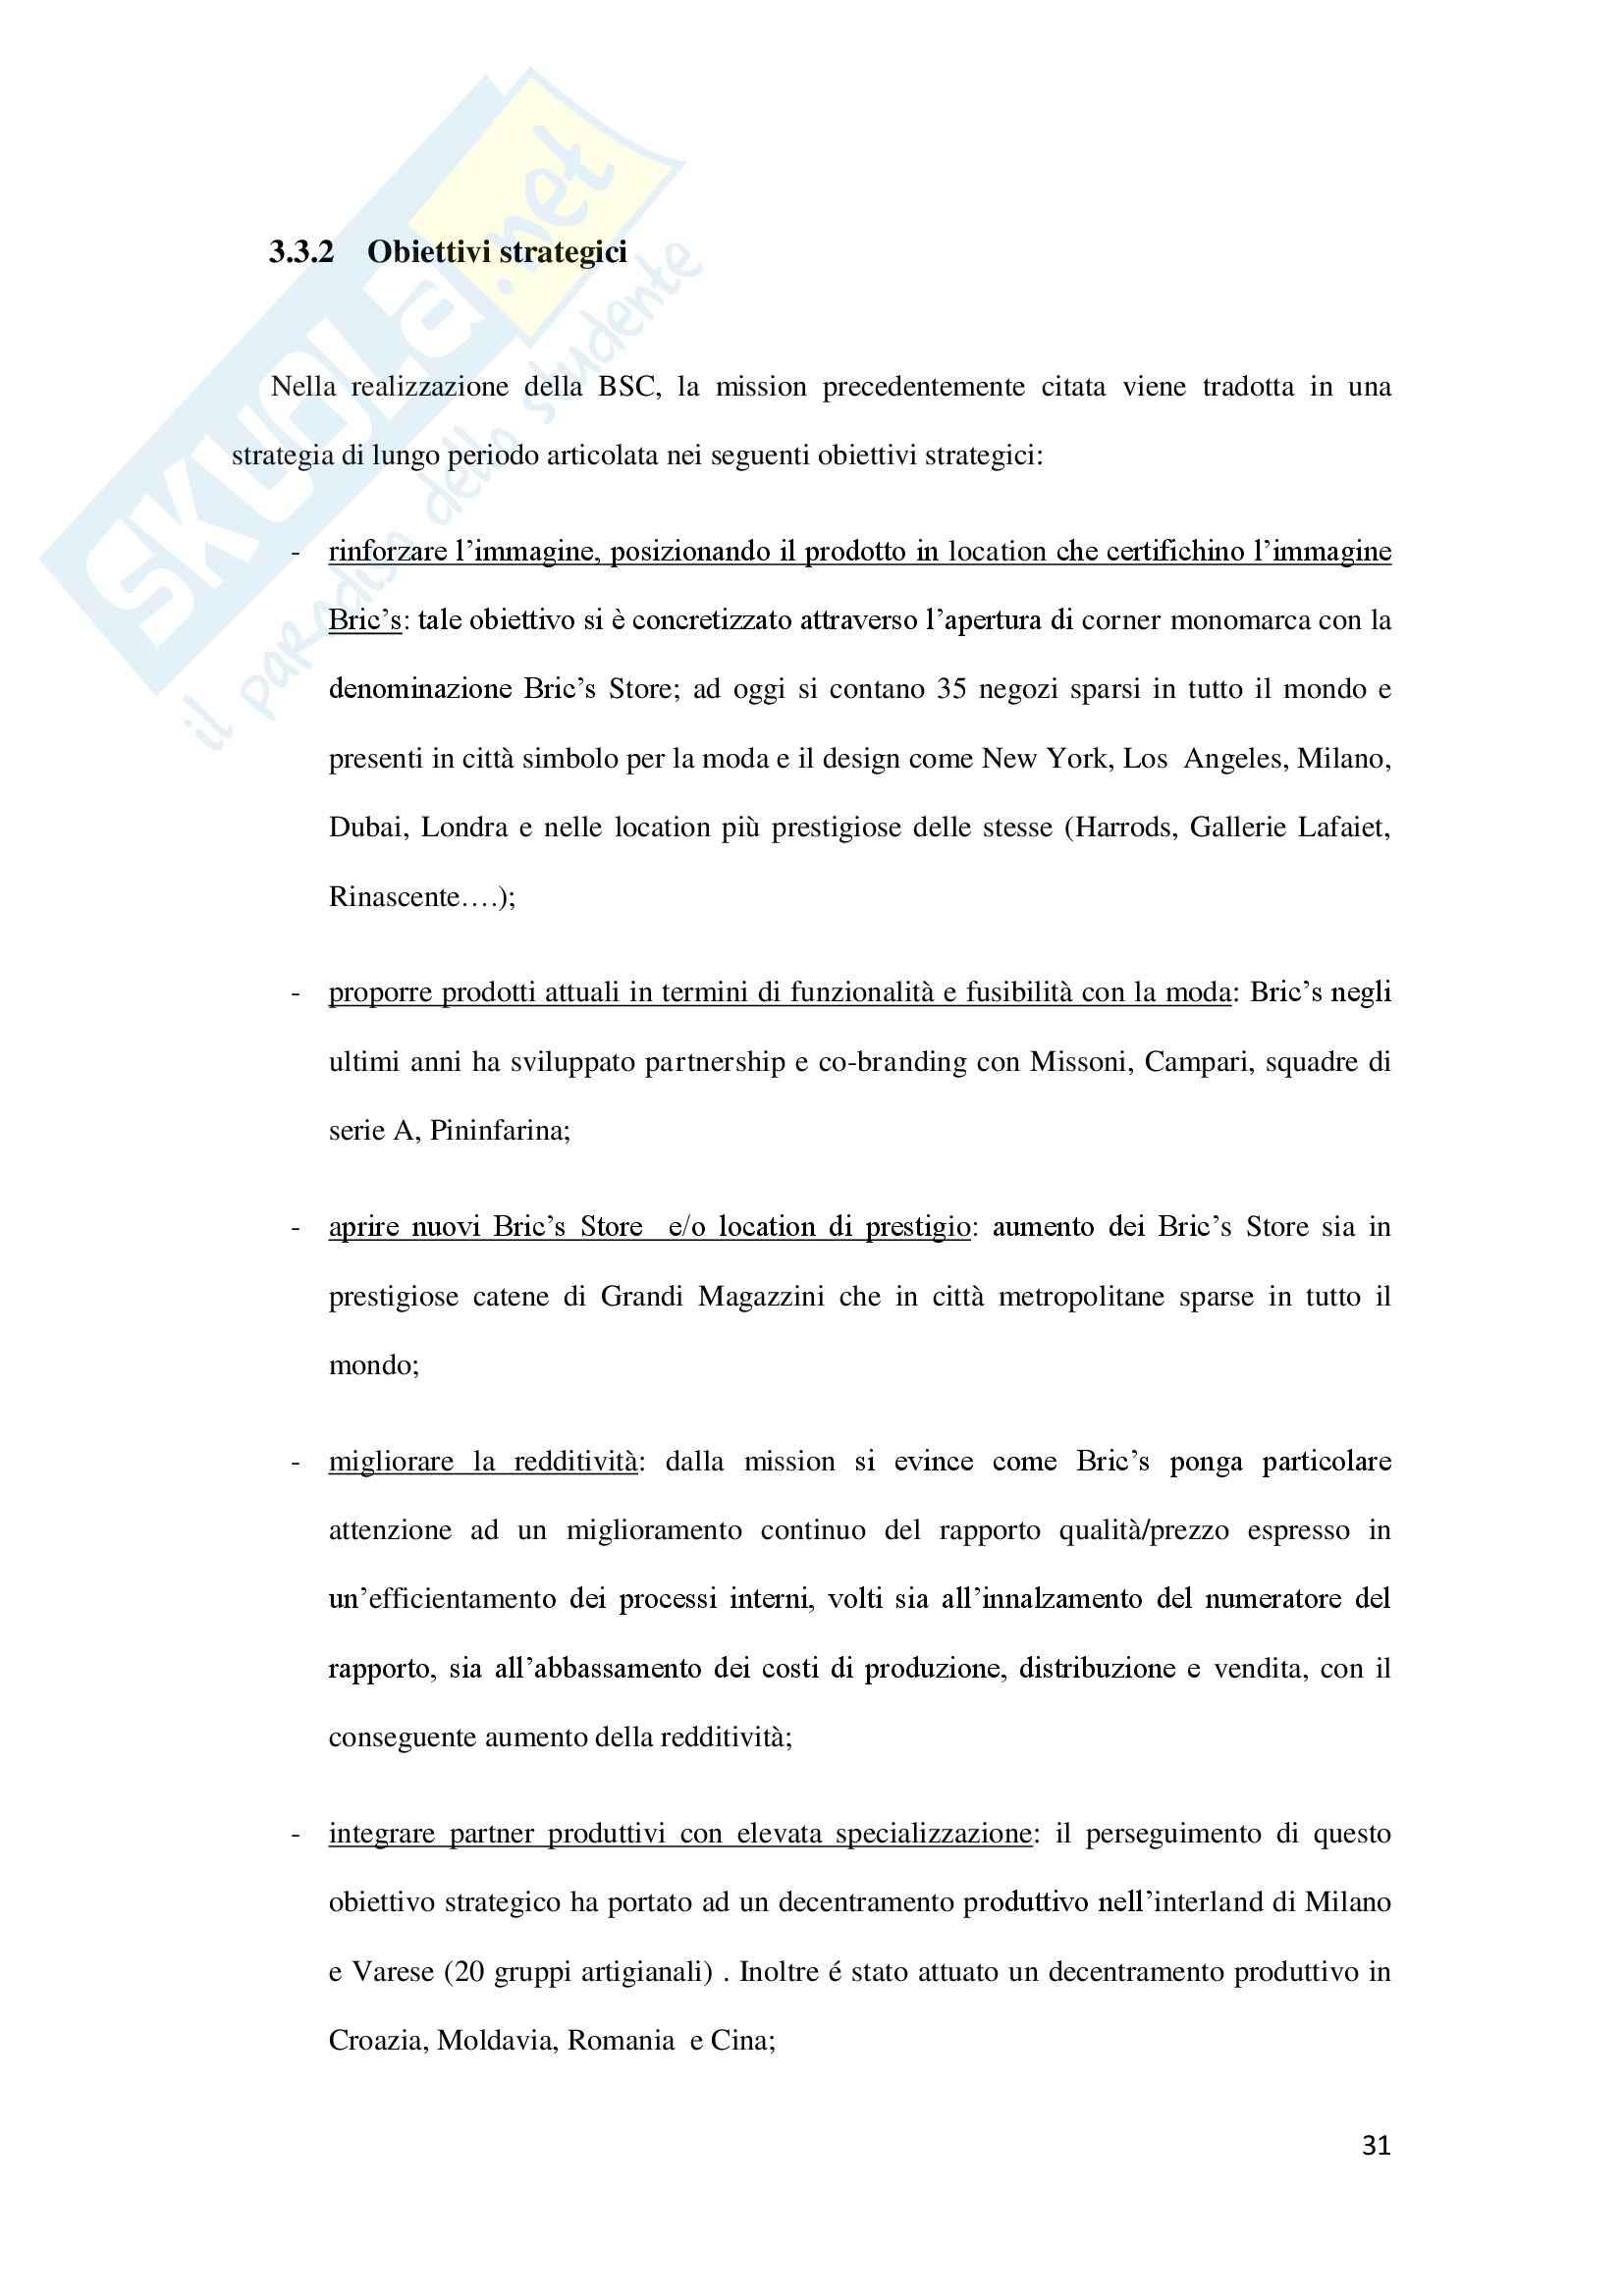 Balance Scorecard nel settore della valigeria: il caso Bric's, Programmazione e controllo Pag. 31